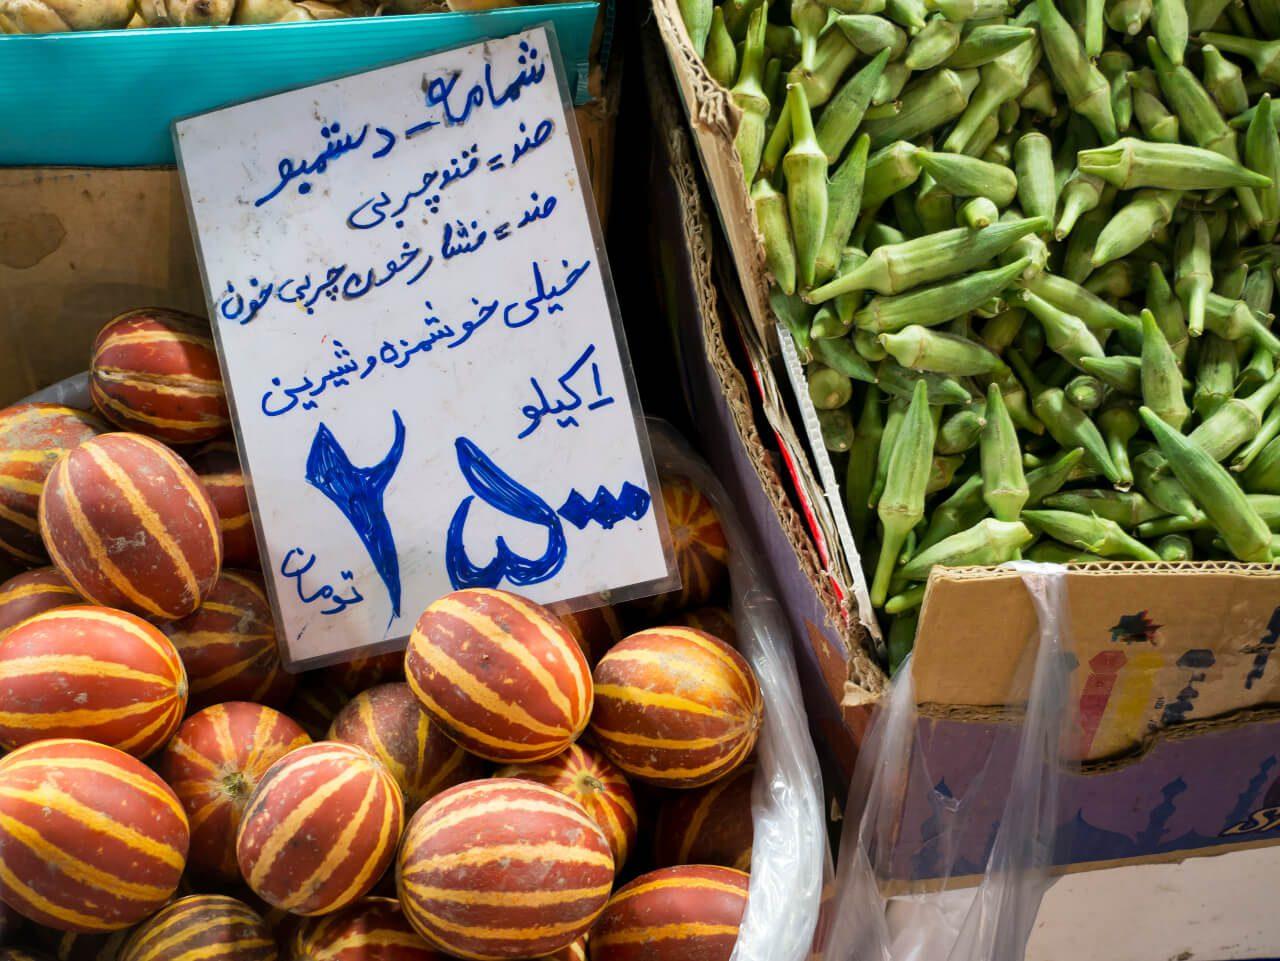 Ceny na irańskim targu